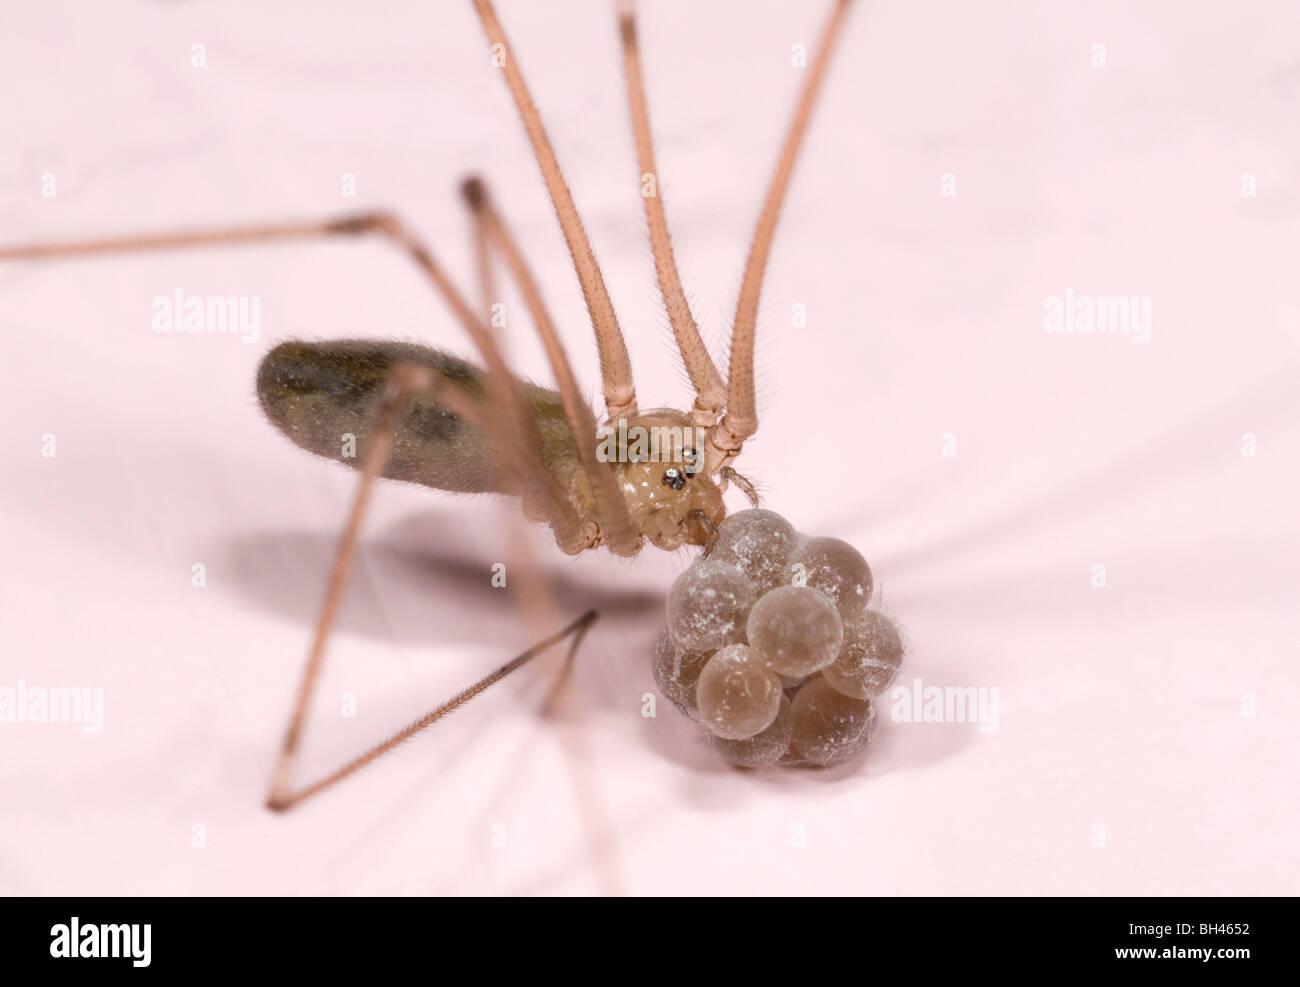 Bodega o araña Daddy Long-piernas araña (Pholcus phalangioides). Imagen Macro de mujeres llevando saco de huevos. Cuarto de baño en casa. Foto de stock